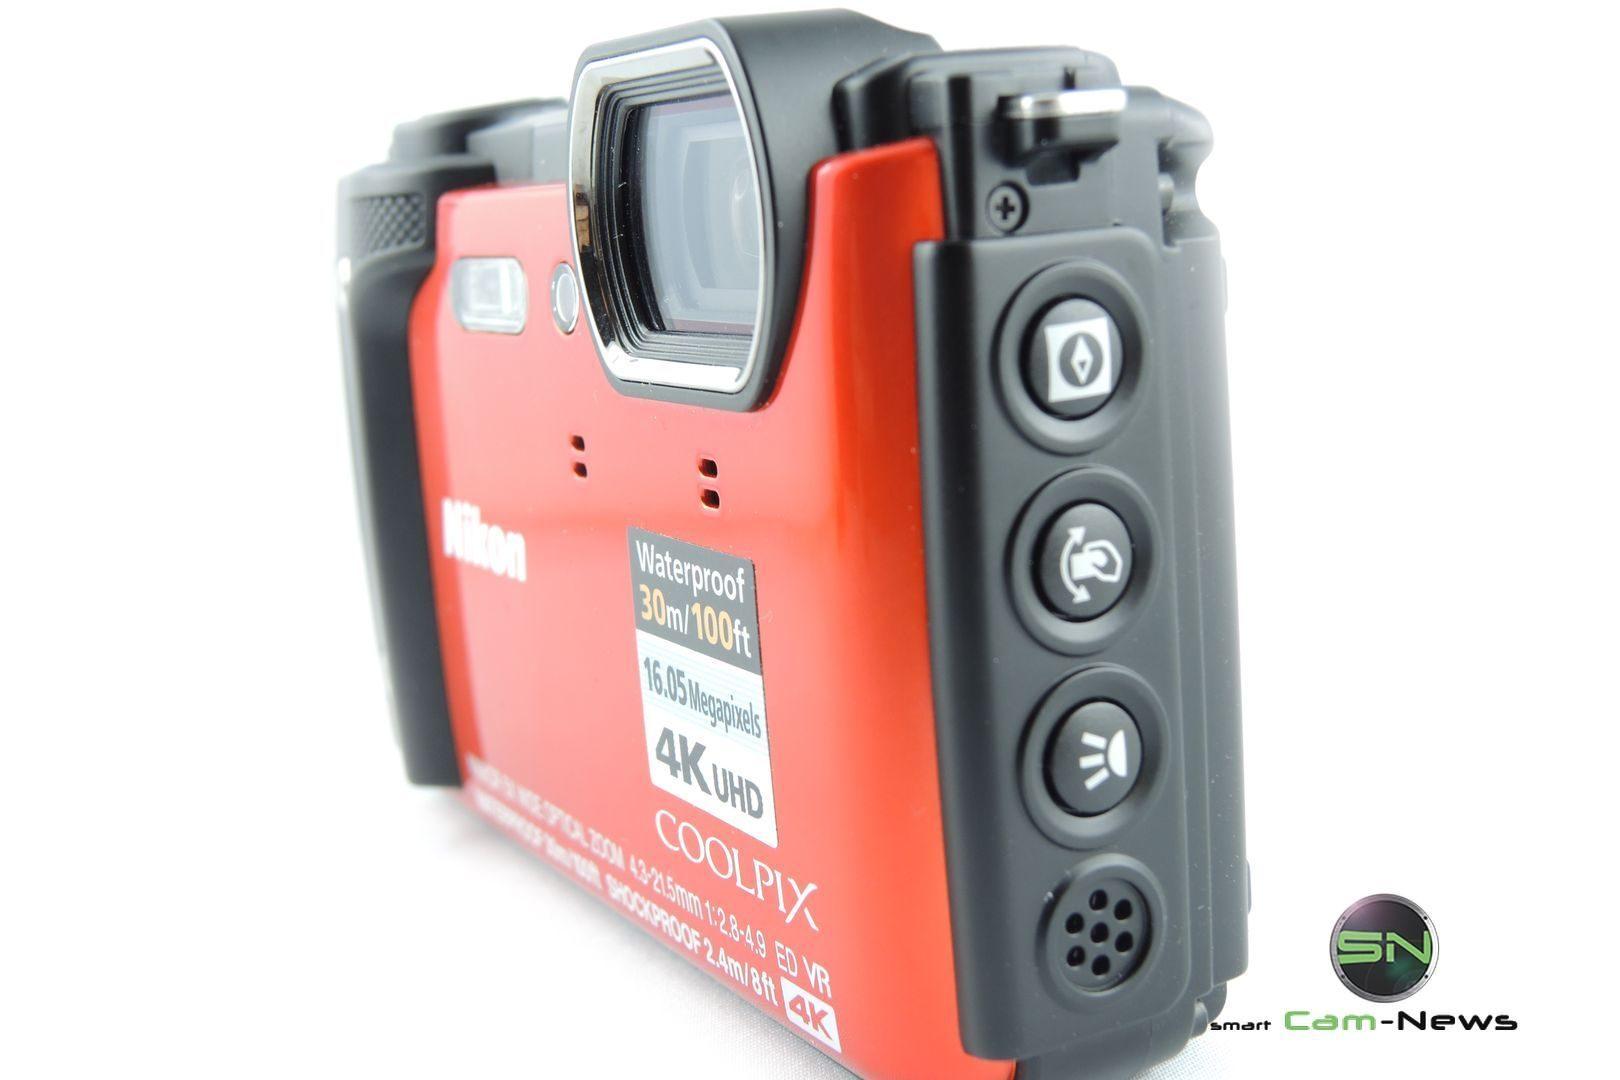 Schnellauswahl - Nikon W300 Outdoor Kamera - SmartCamNews